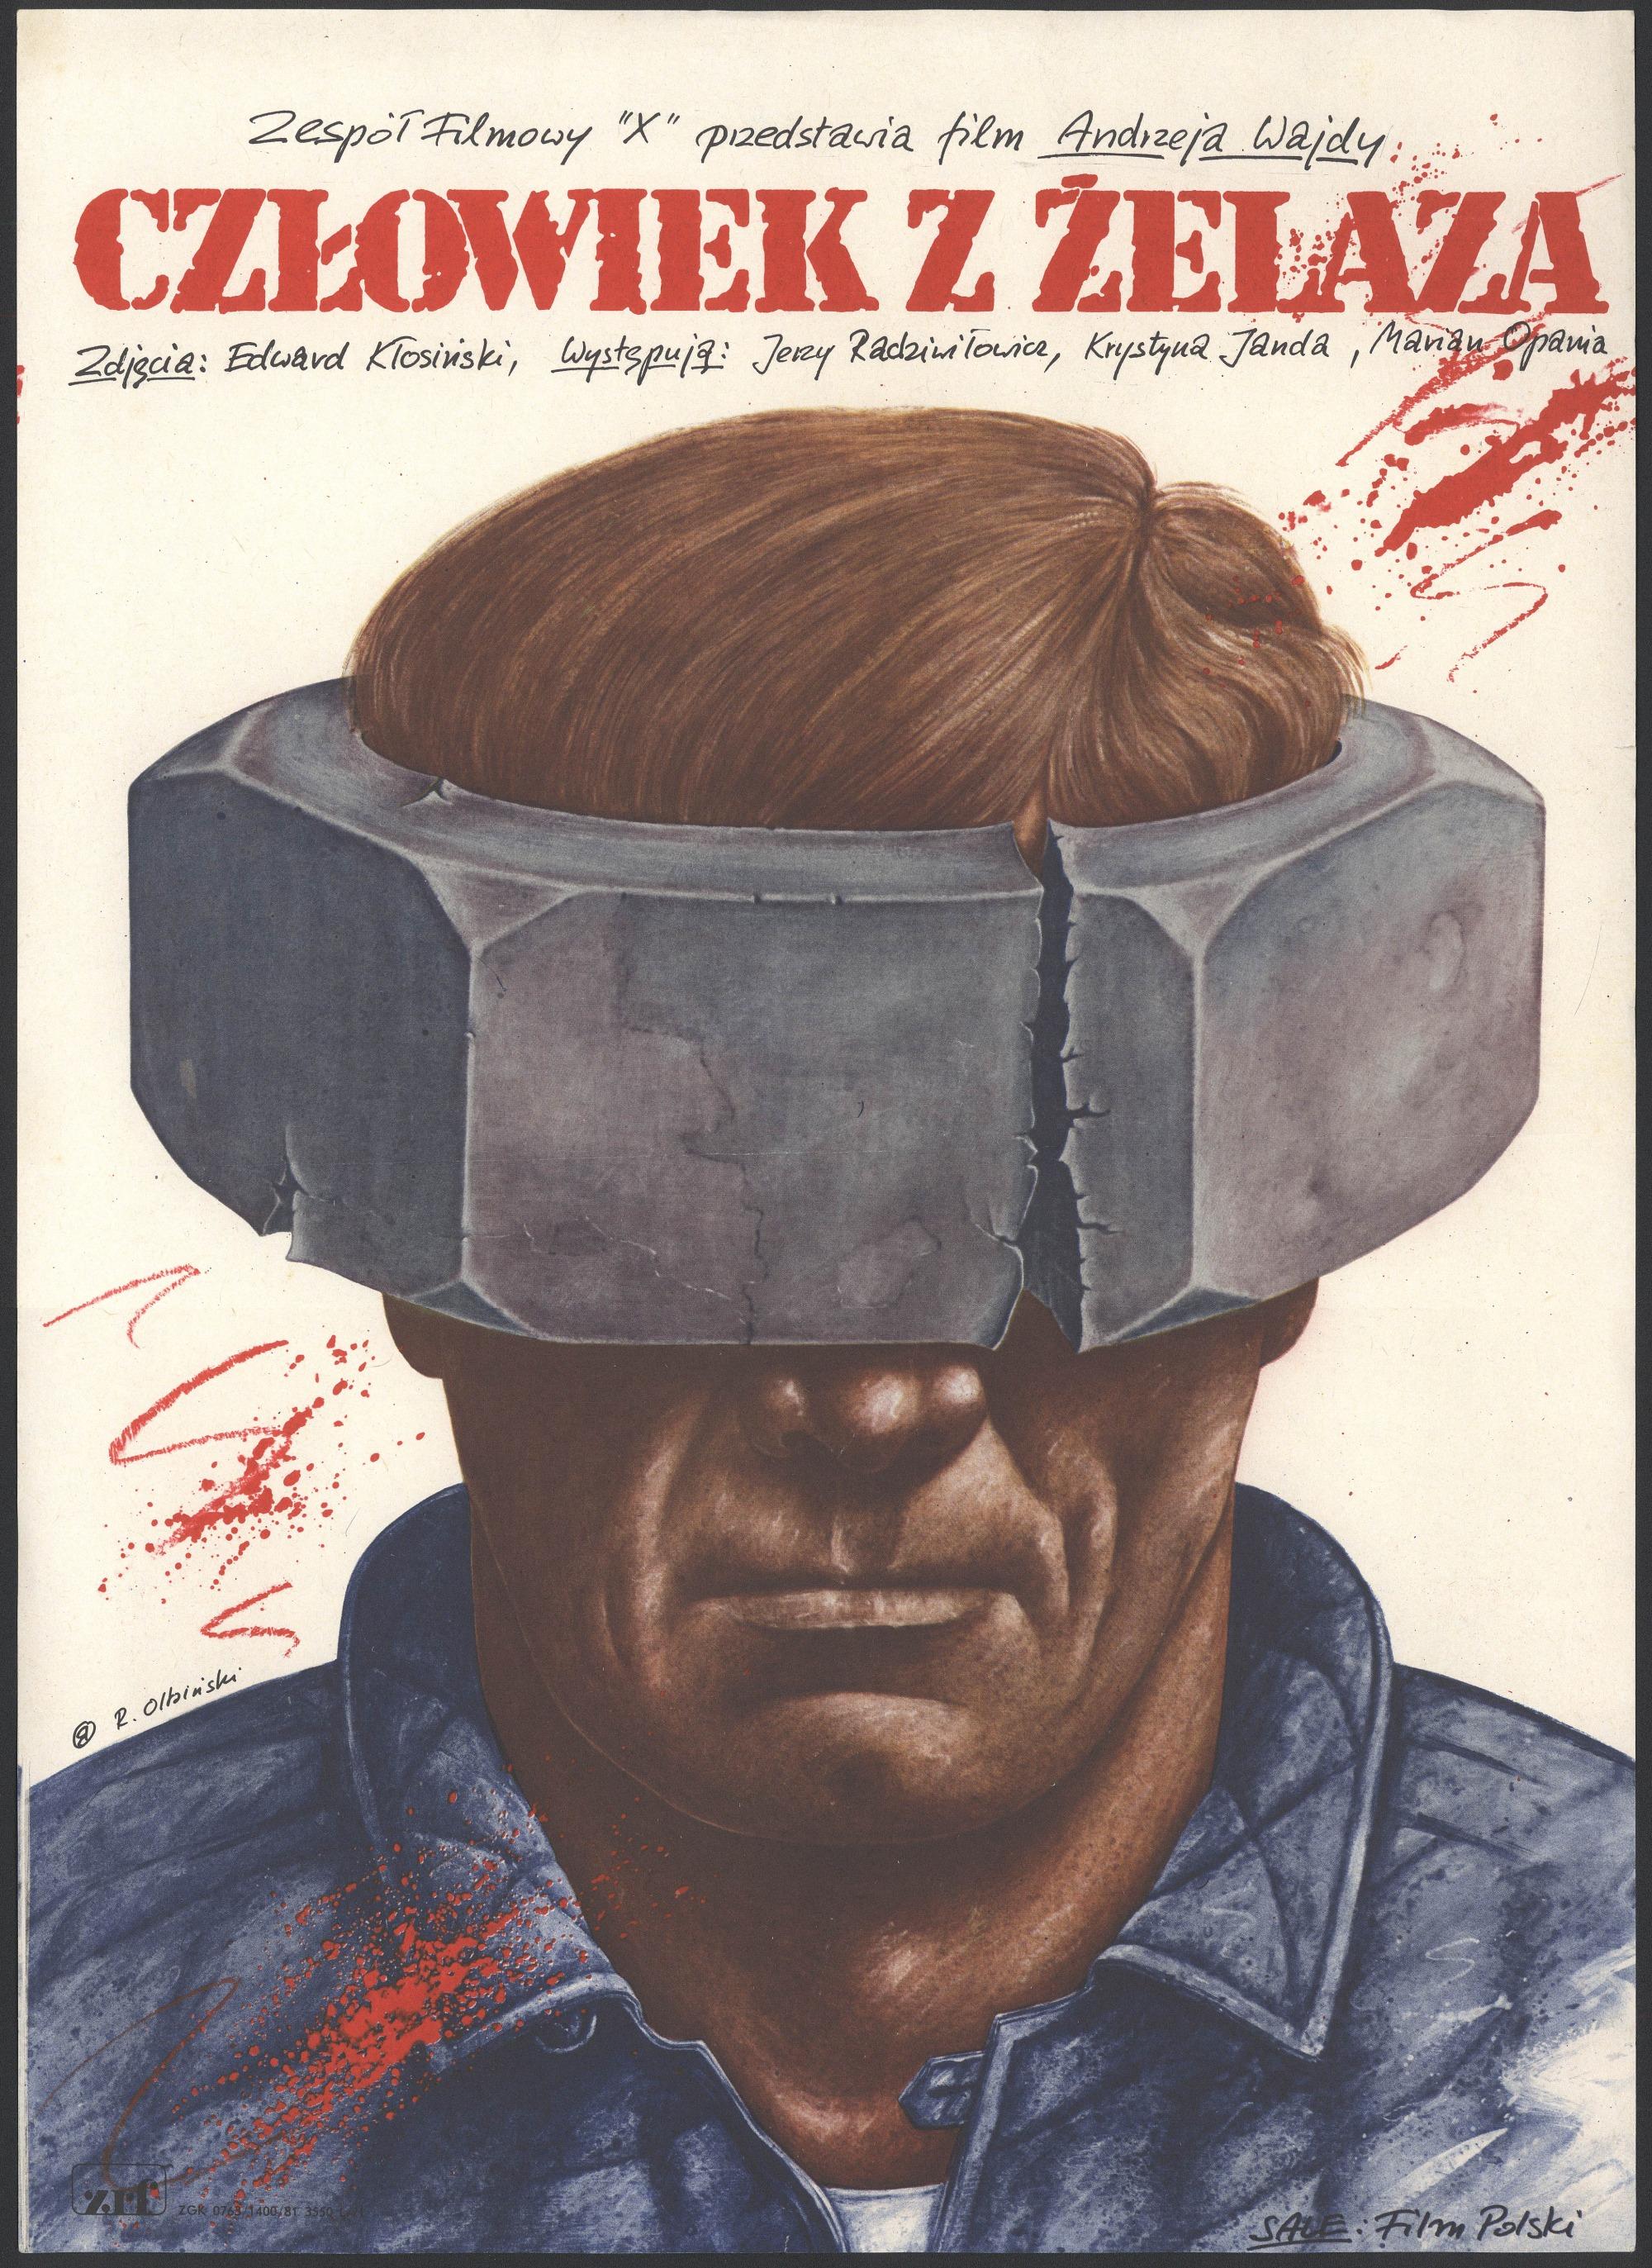 Plakat Filmowy Człowiek Z żelaza Awajdy R Olbiński